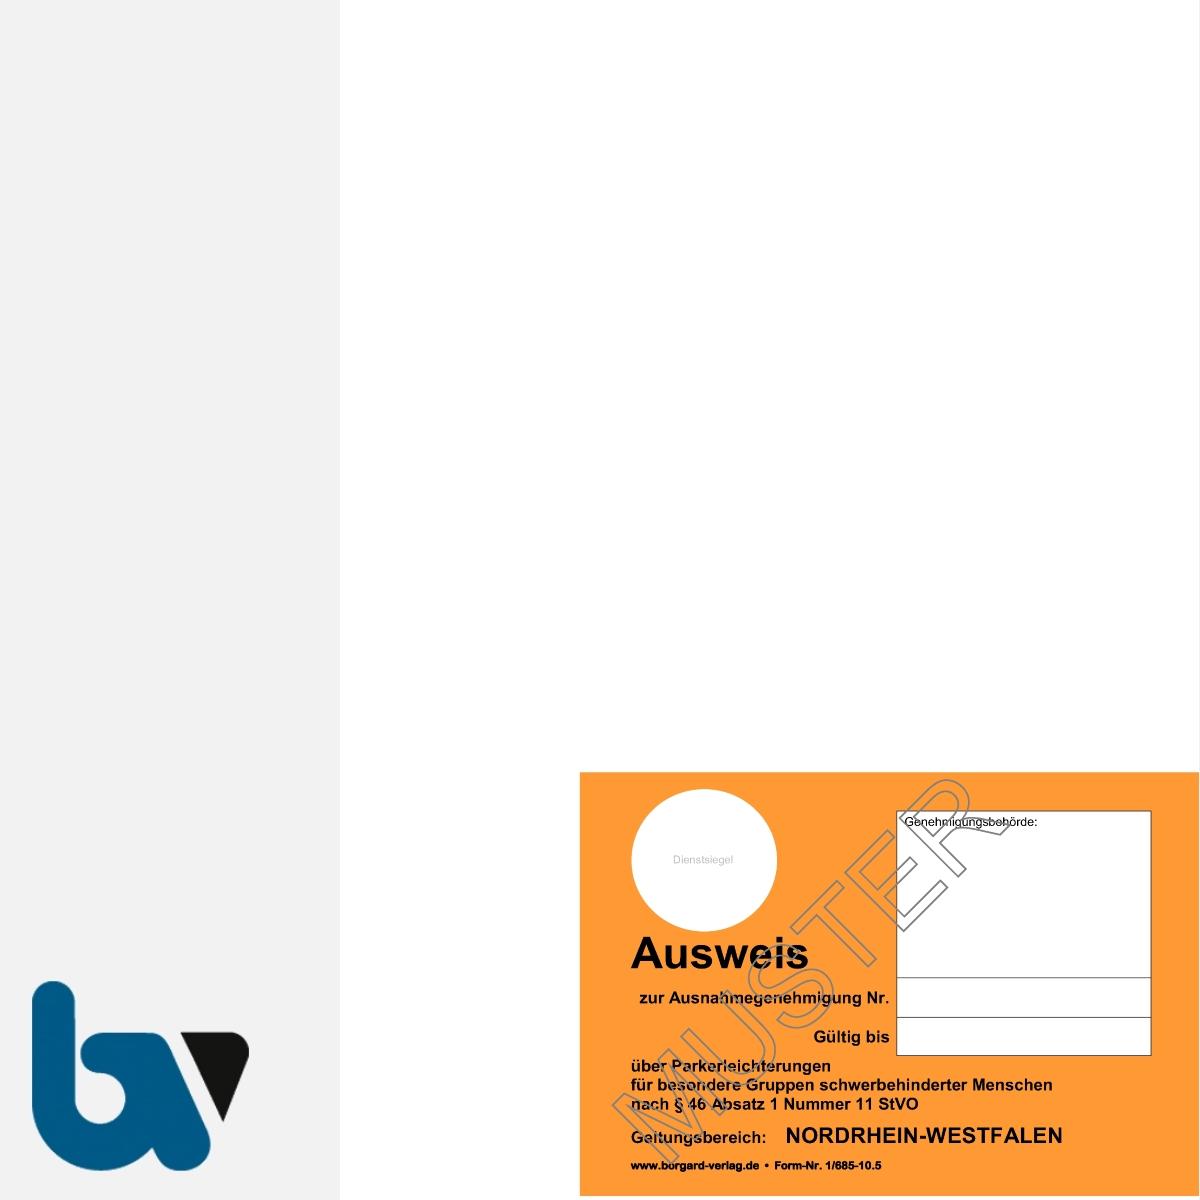 1/685-10.5 Parkausweis zur Ausnahmegenehmigung über Parkerleichterungen NRW orange Modell behinderte menschen DIN A4 orange perforiert VS   Borgard Verlag GmbH